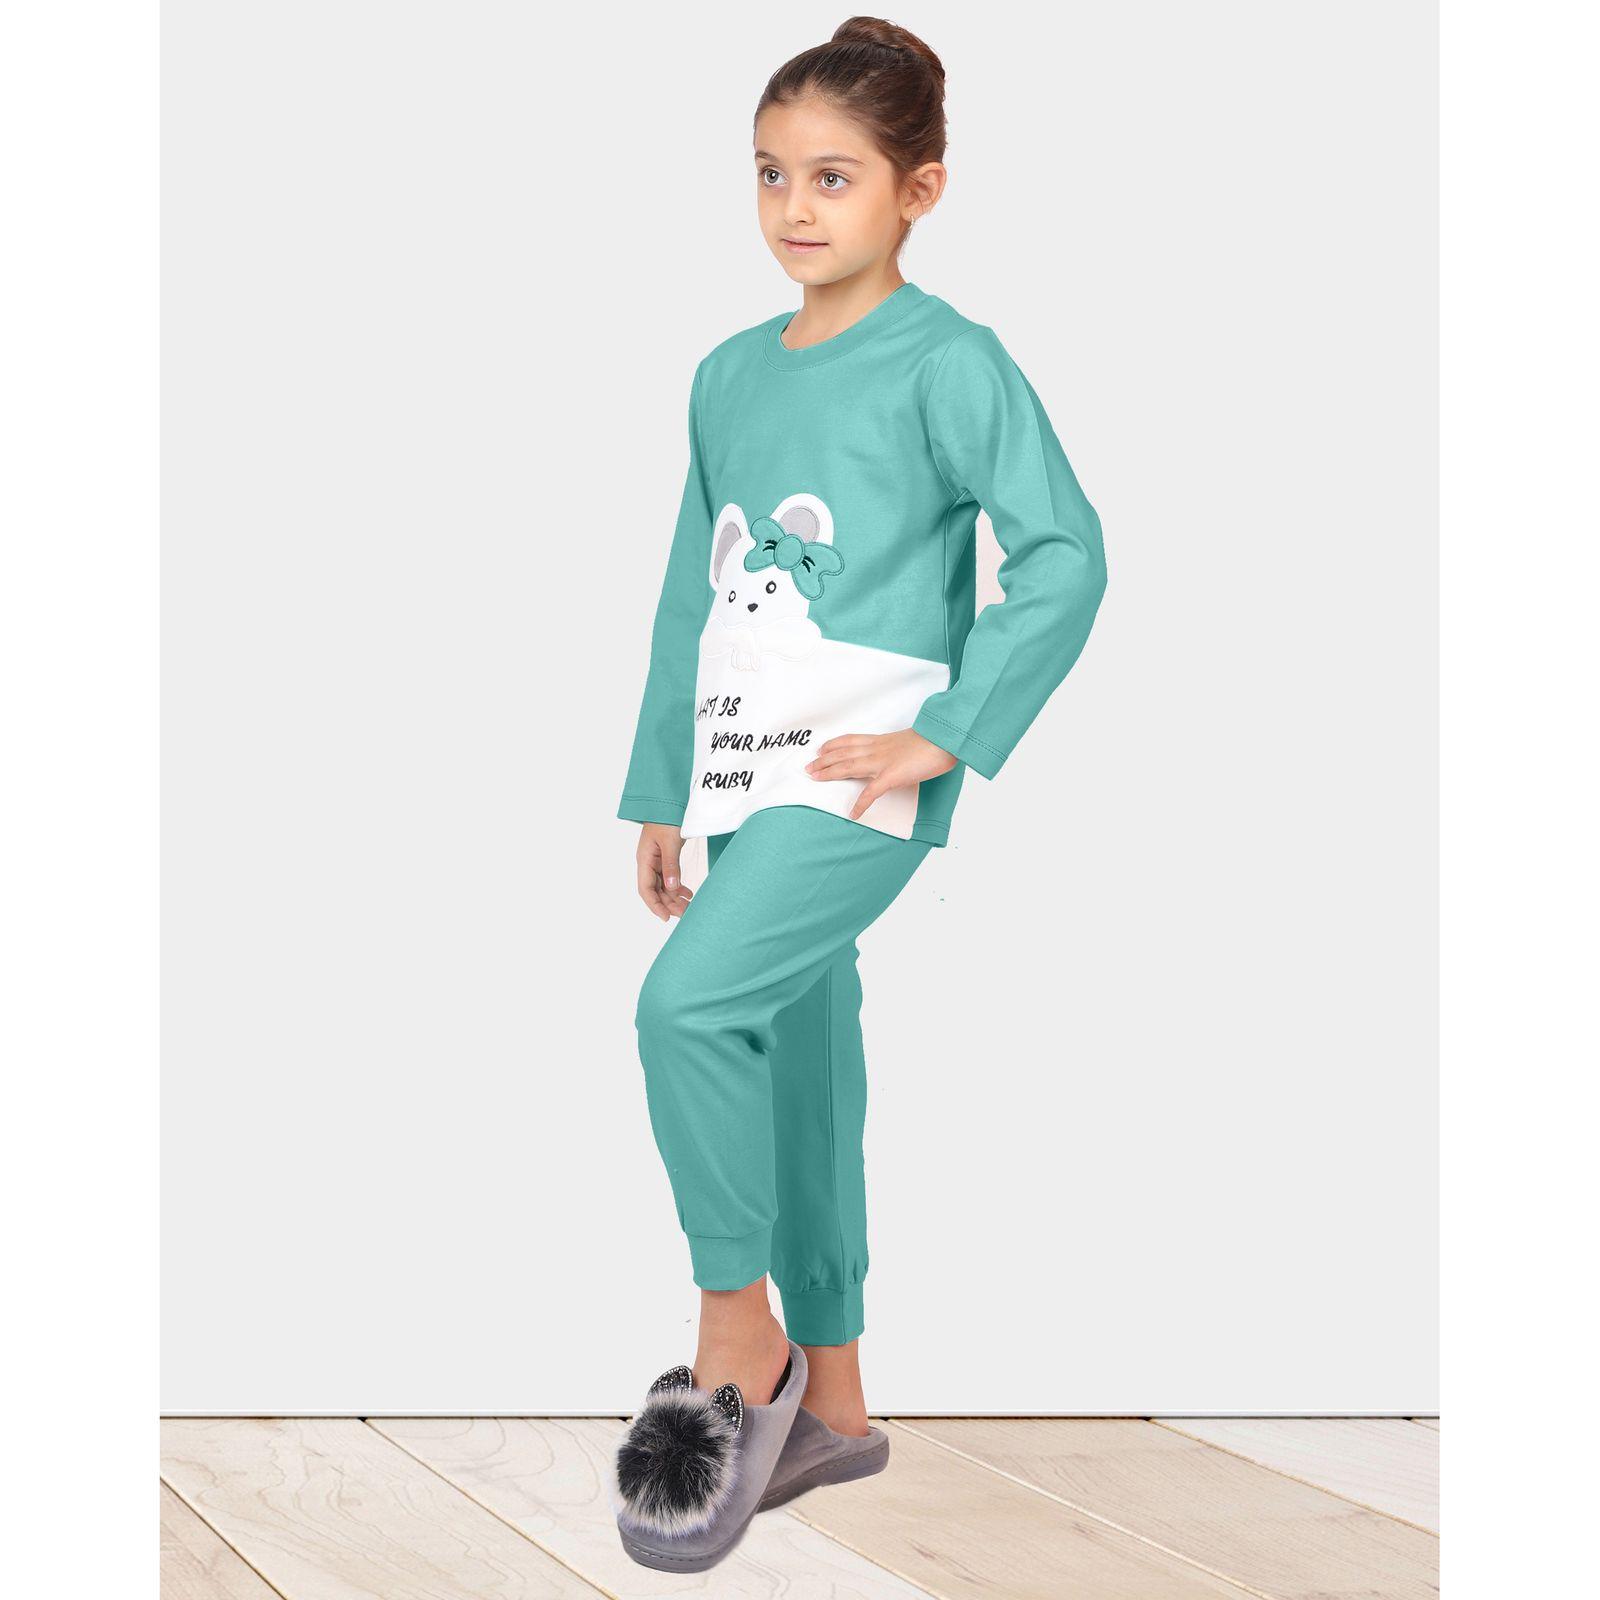 ست تی شرت و شلوار دخترانه مادر مدل 301-54 main 1 13